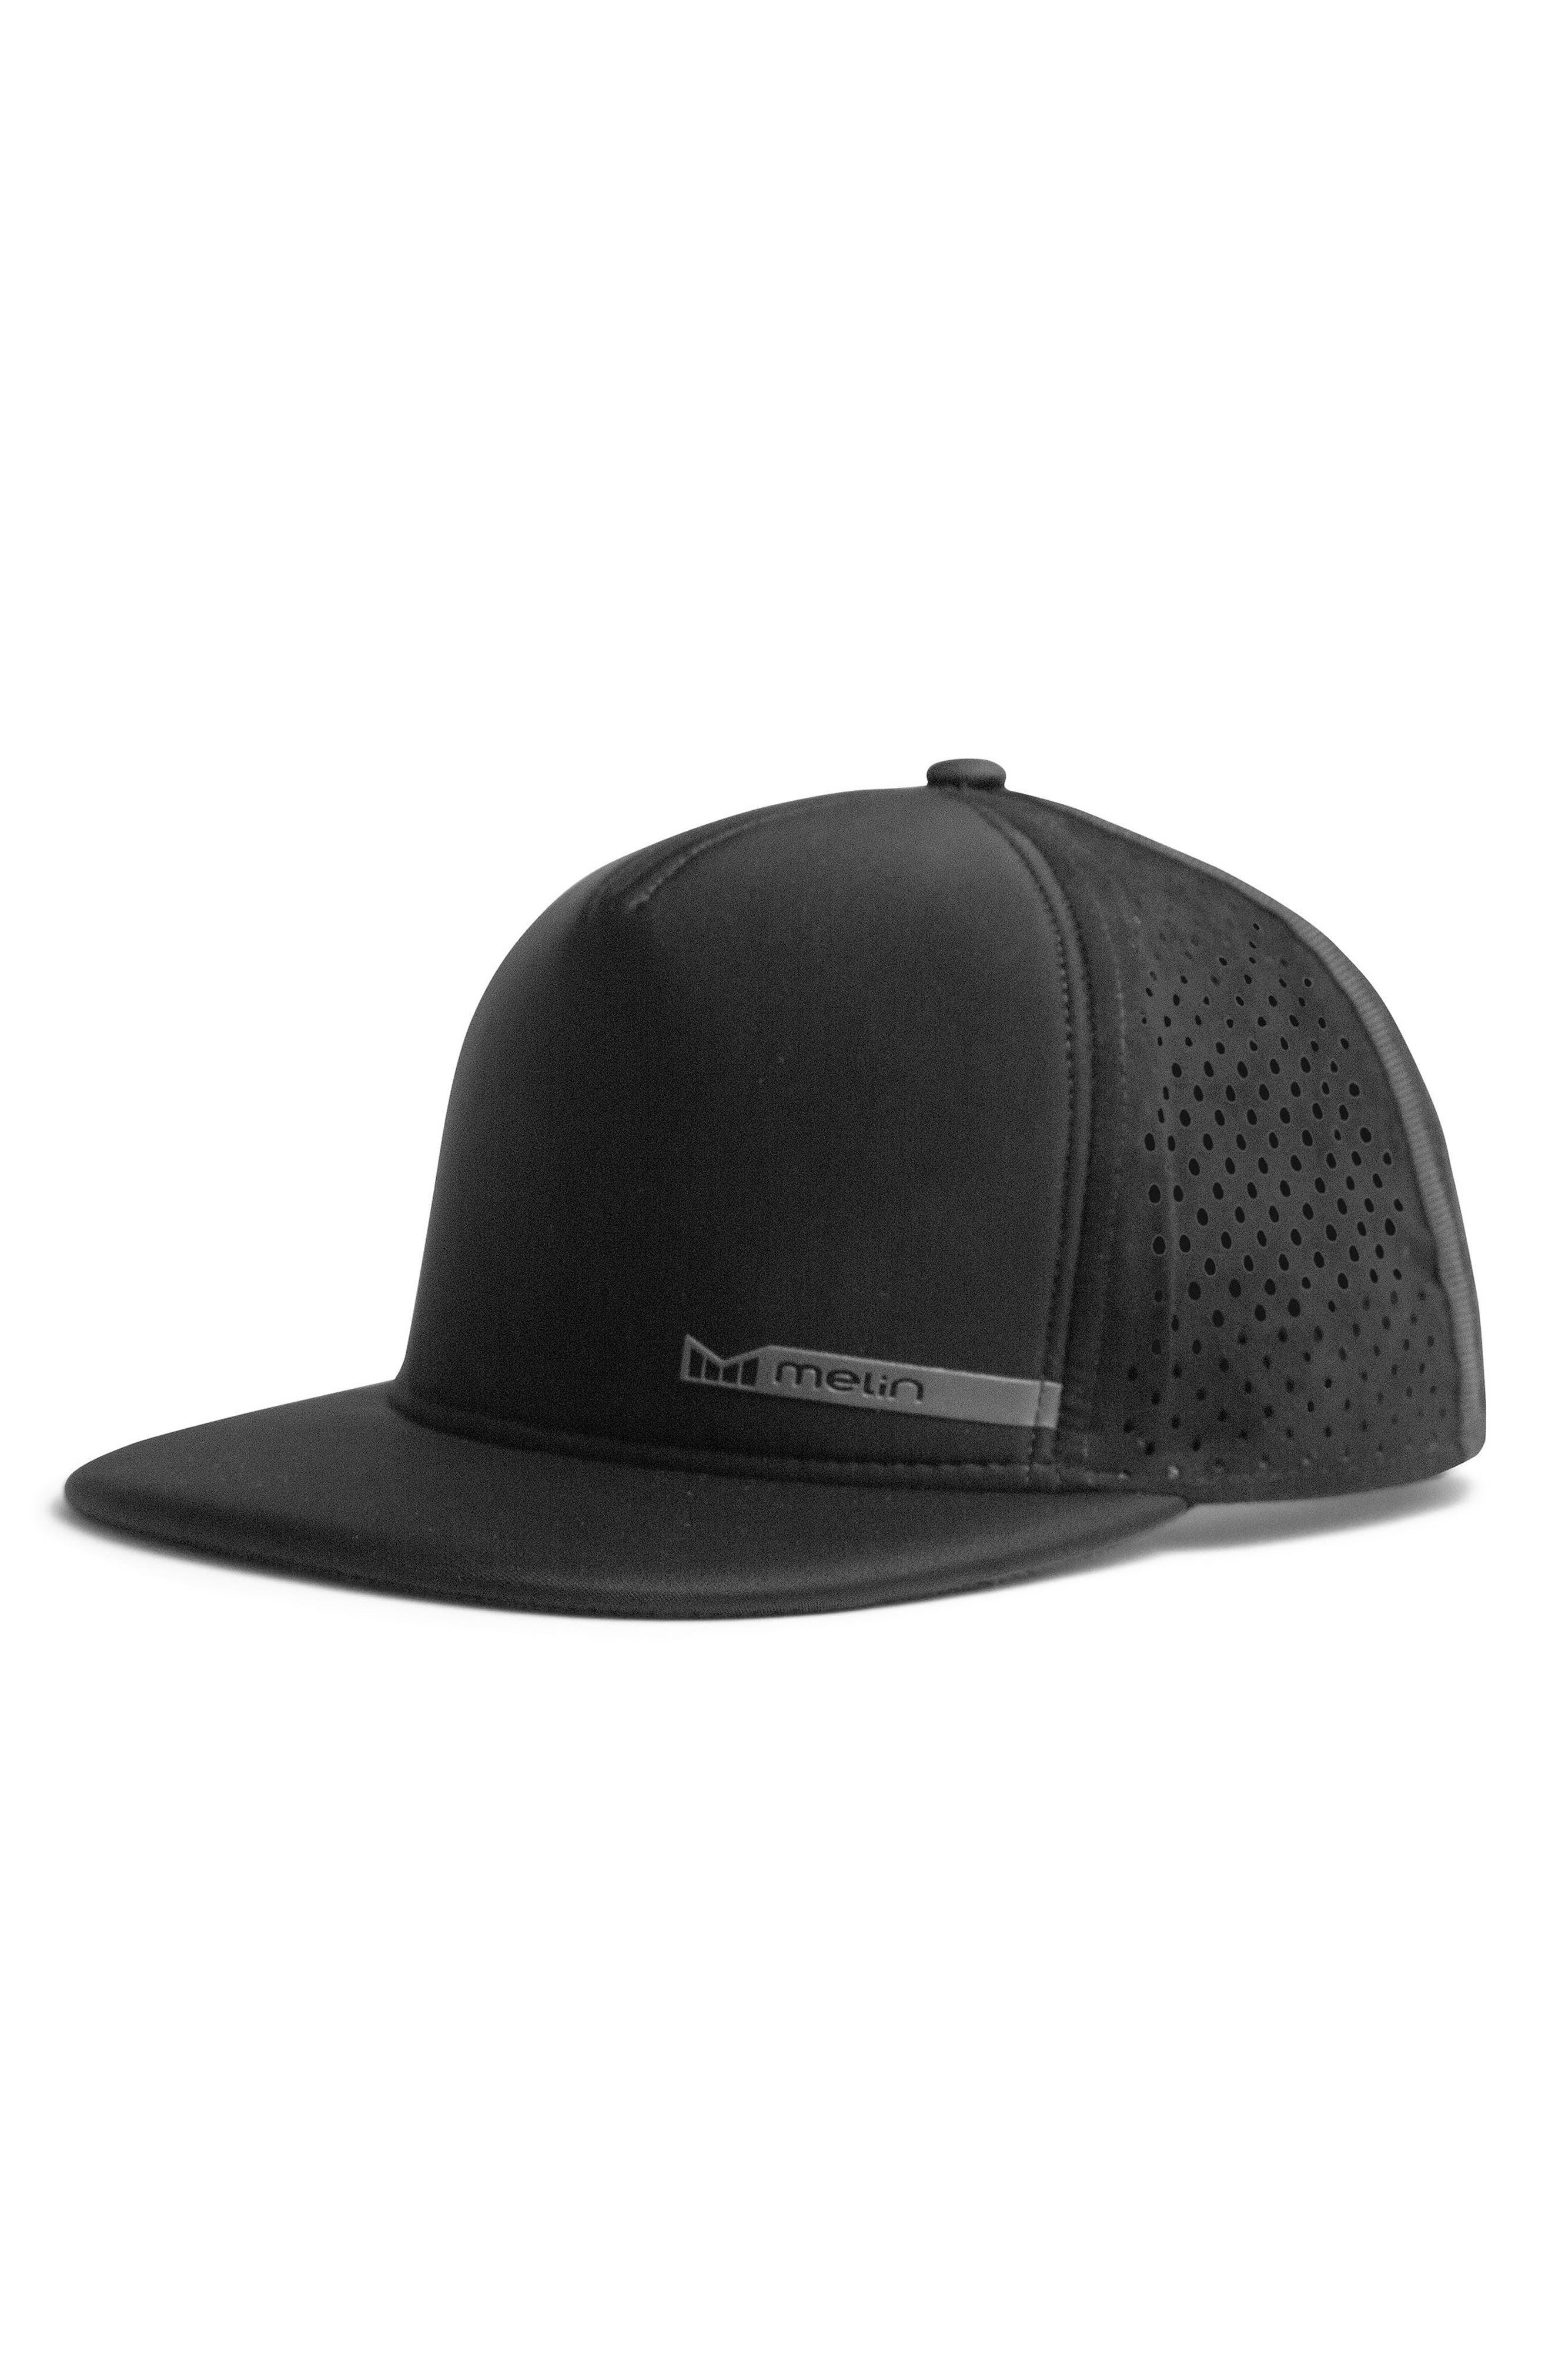 'Amphibian' Split Fit Snapback Baseball Cap,                             Main thumbnail 1, color,                             Black/ Black